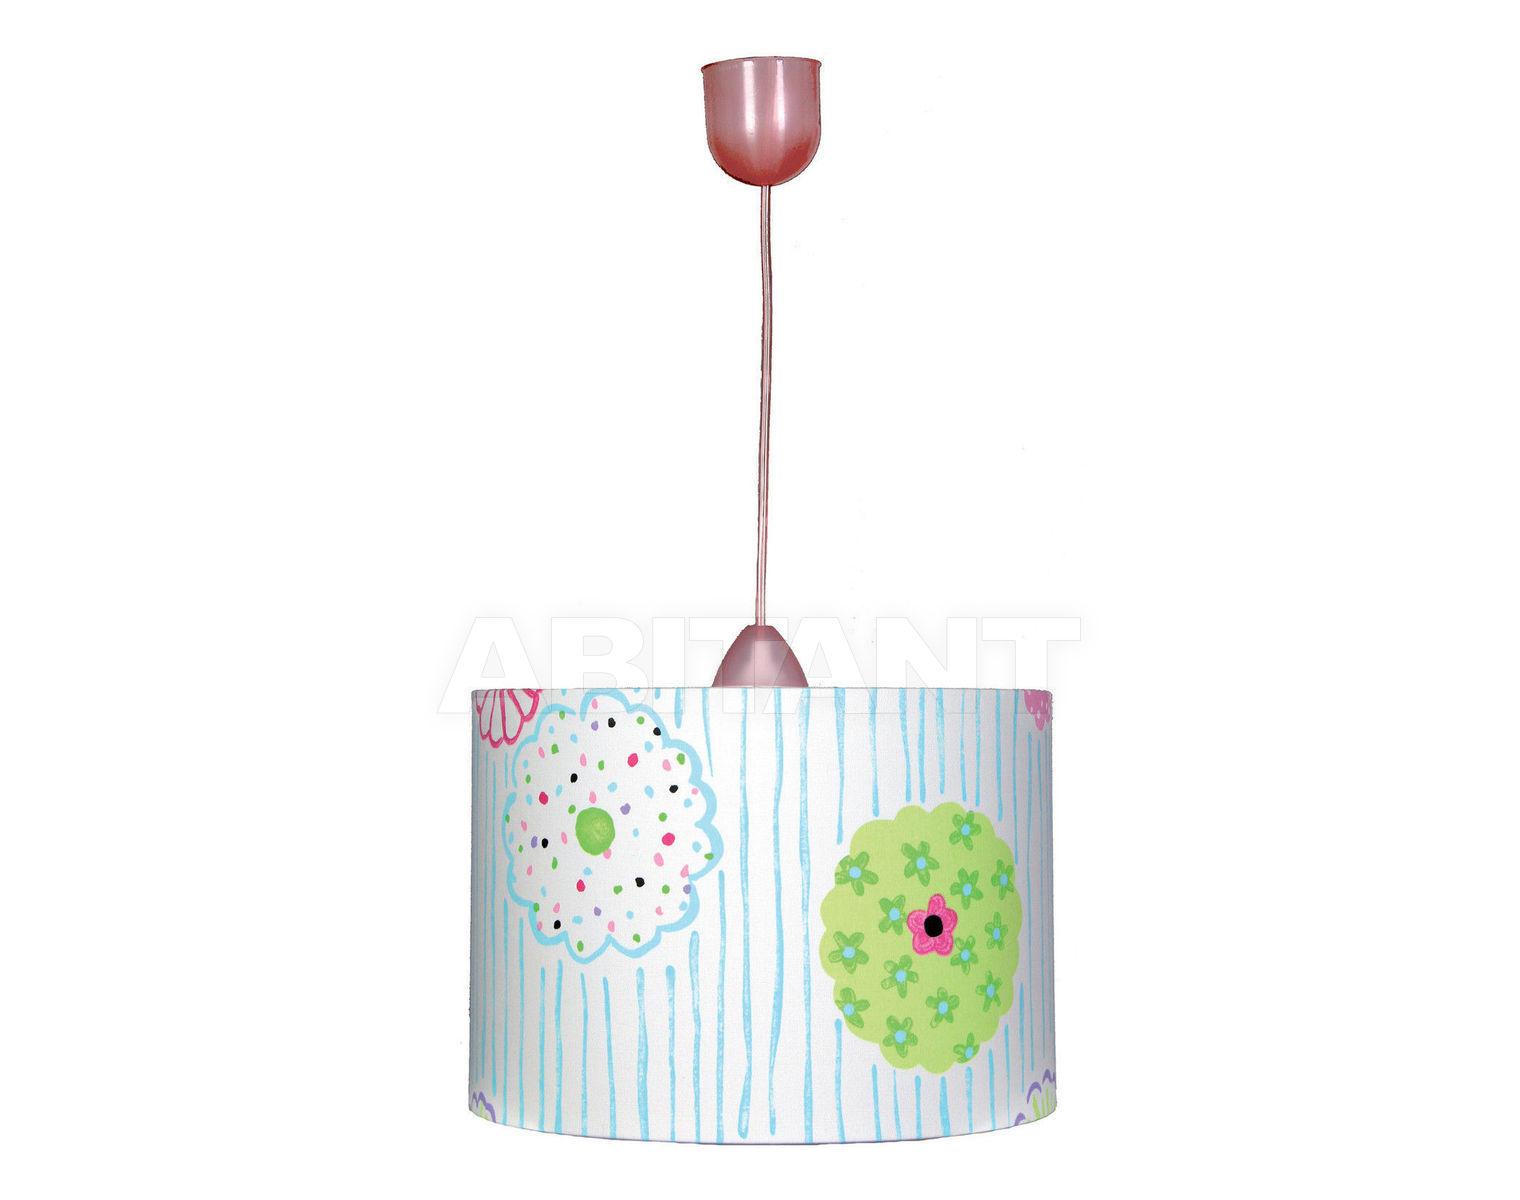 Купить Светильник для детской Waldi Leuchten Lampen Fur Kinder 2012 70284.0